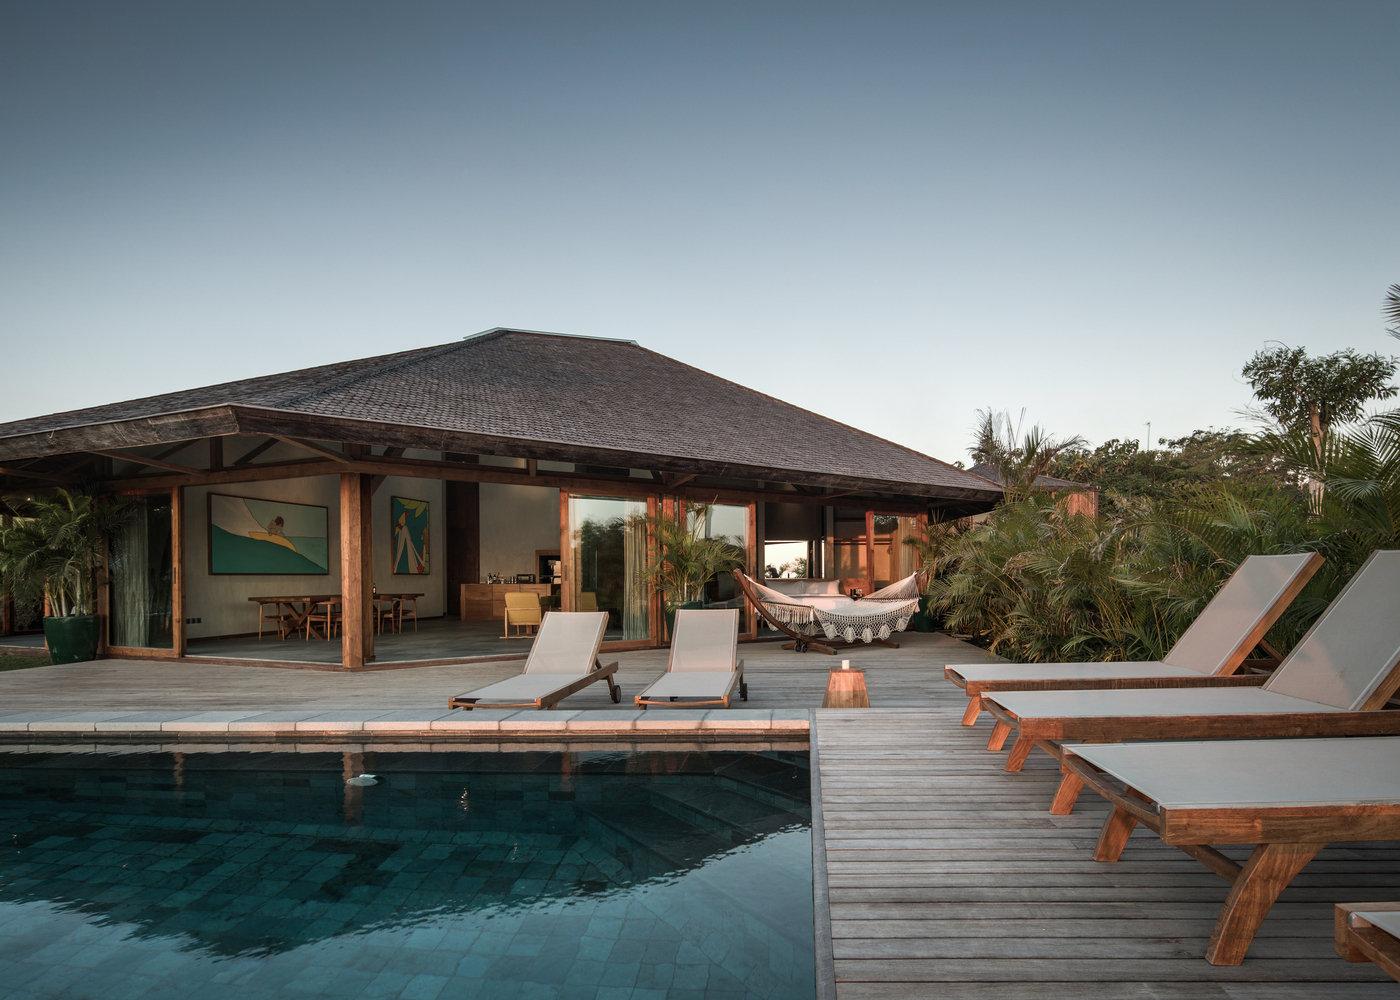 海景3号,依山傍水的巴厘岛别墅丨Alexis Dornier